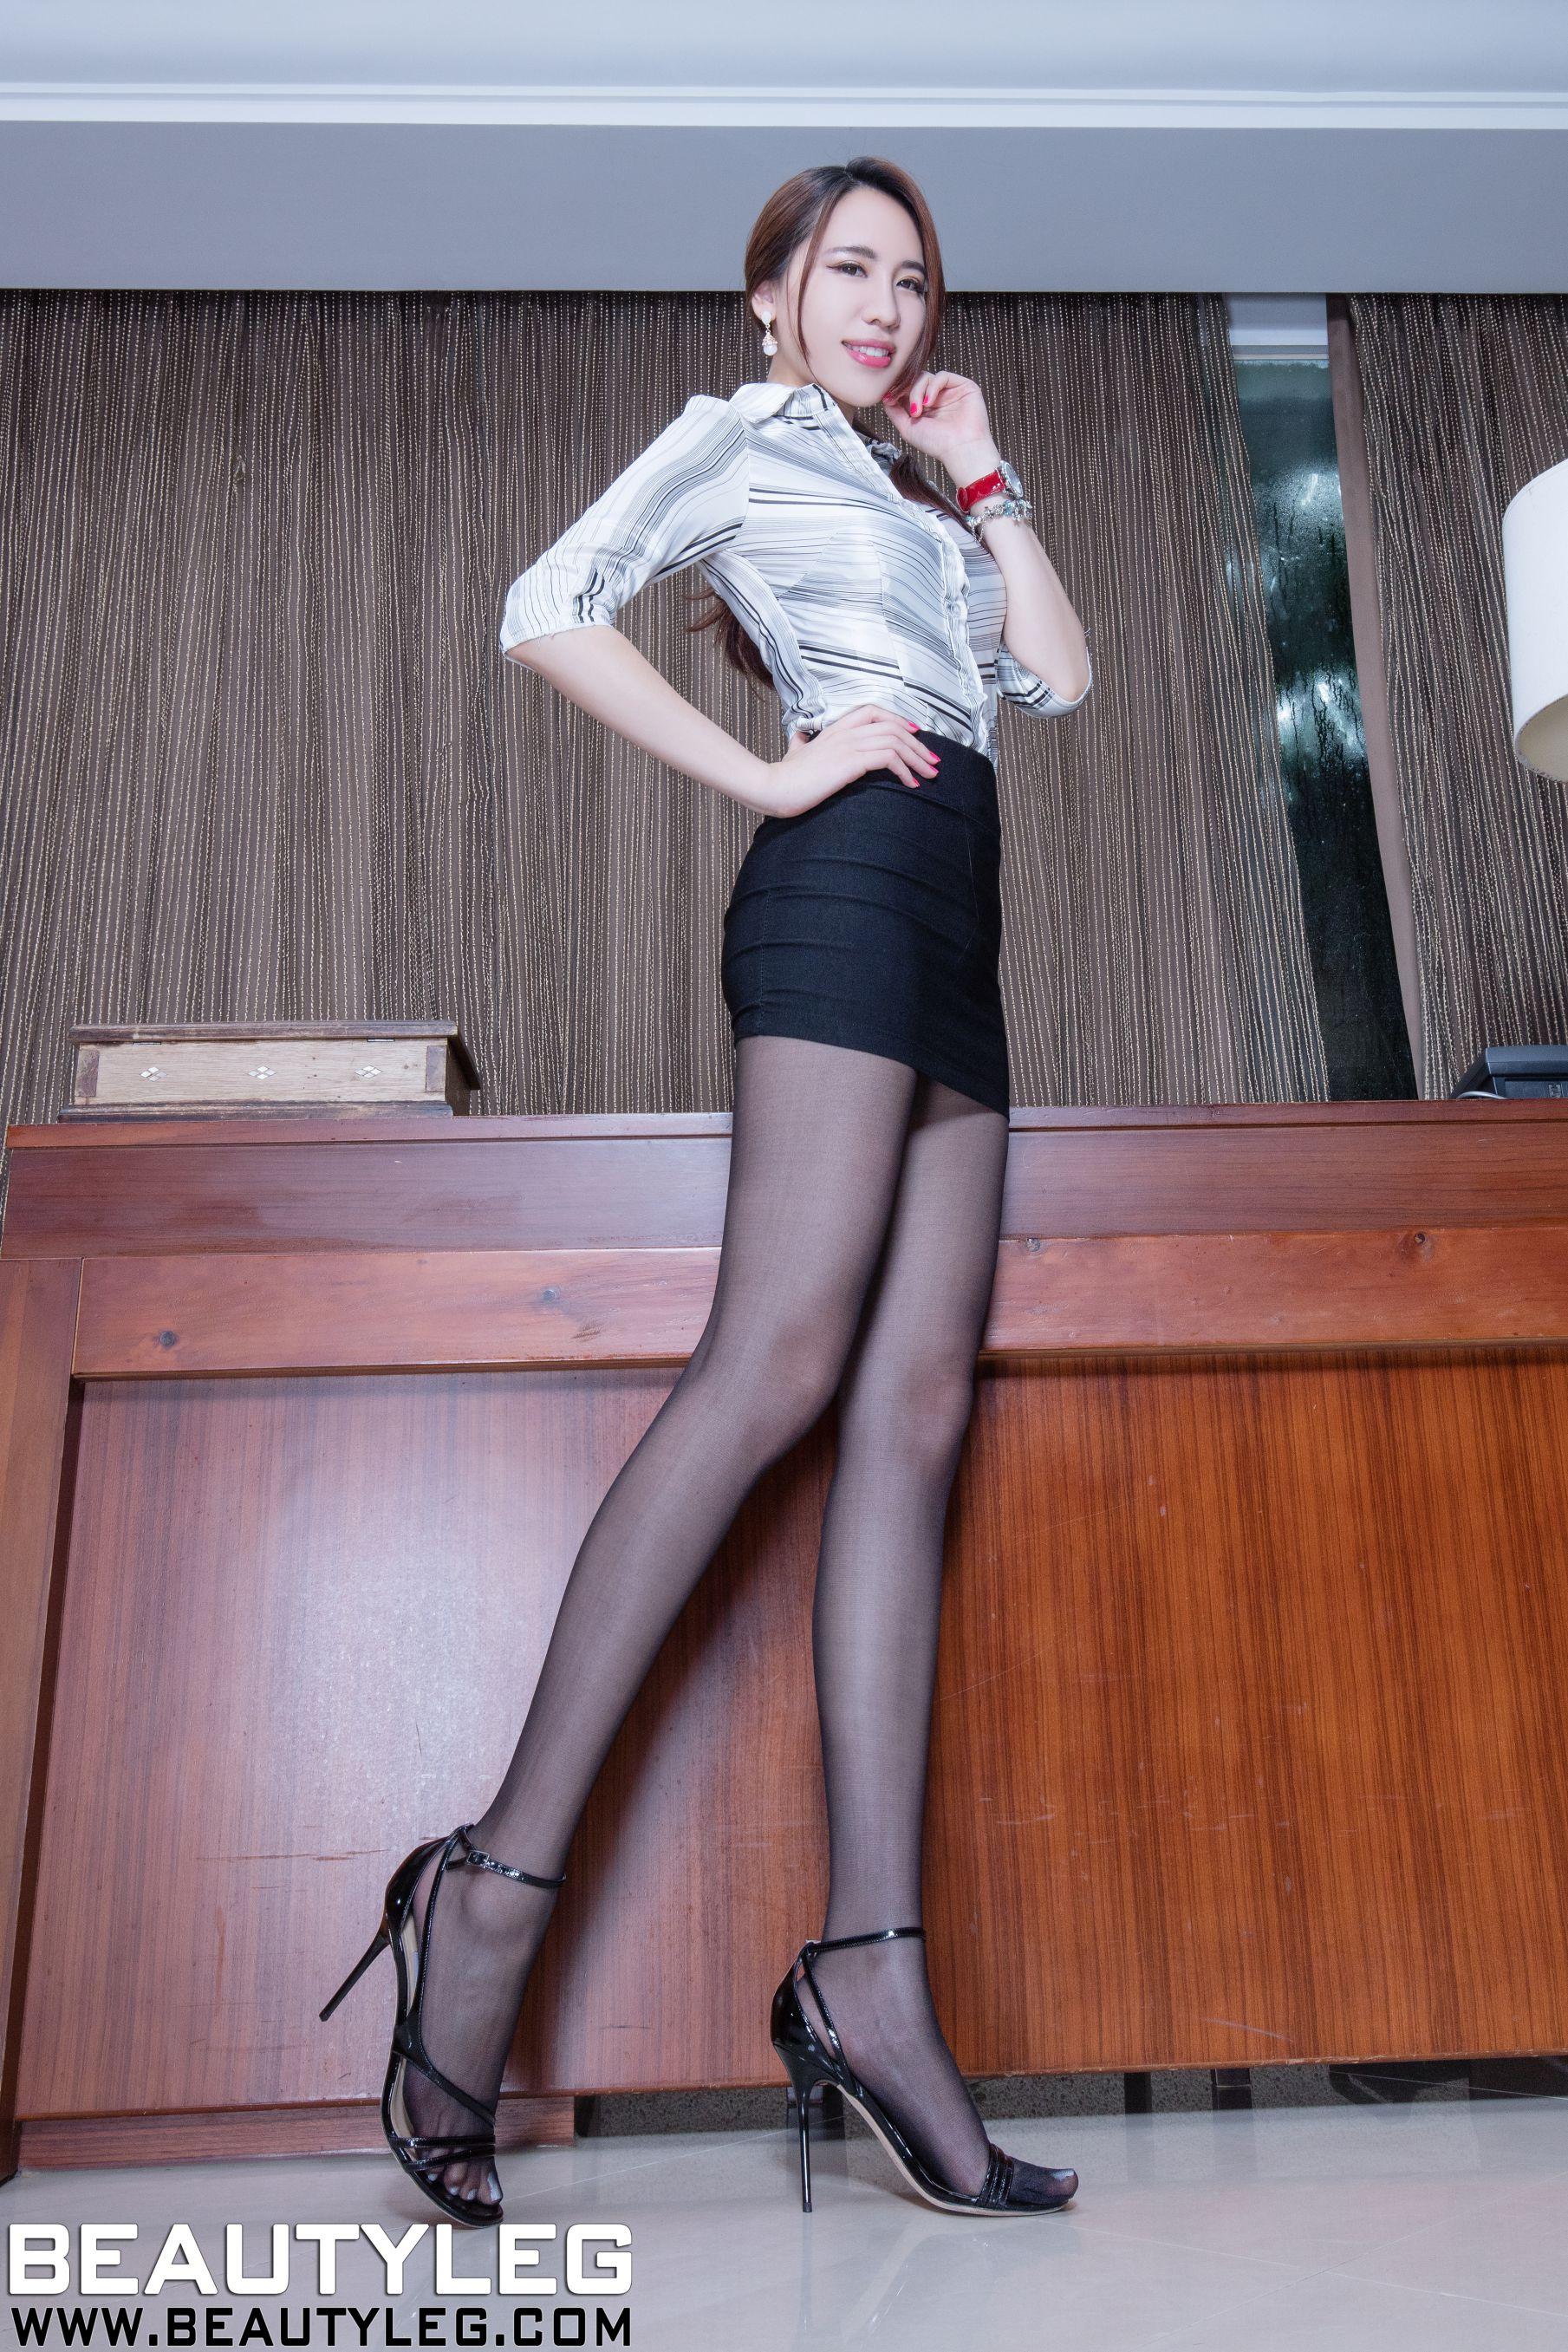 VOL.1496 [Beautyleg]高跟美腿:廖羽涵(腿模Alice)高品质写真套图(43P)